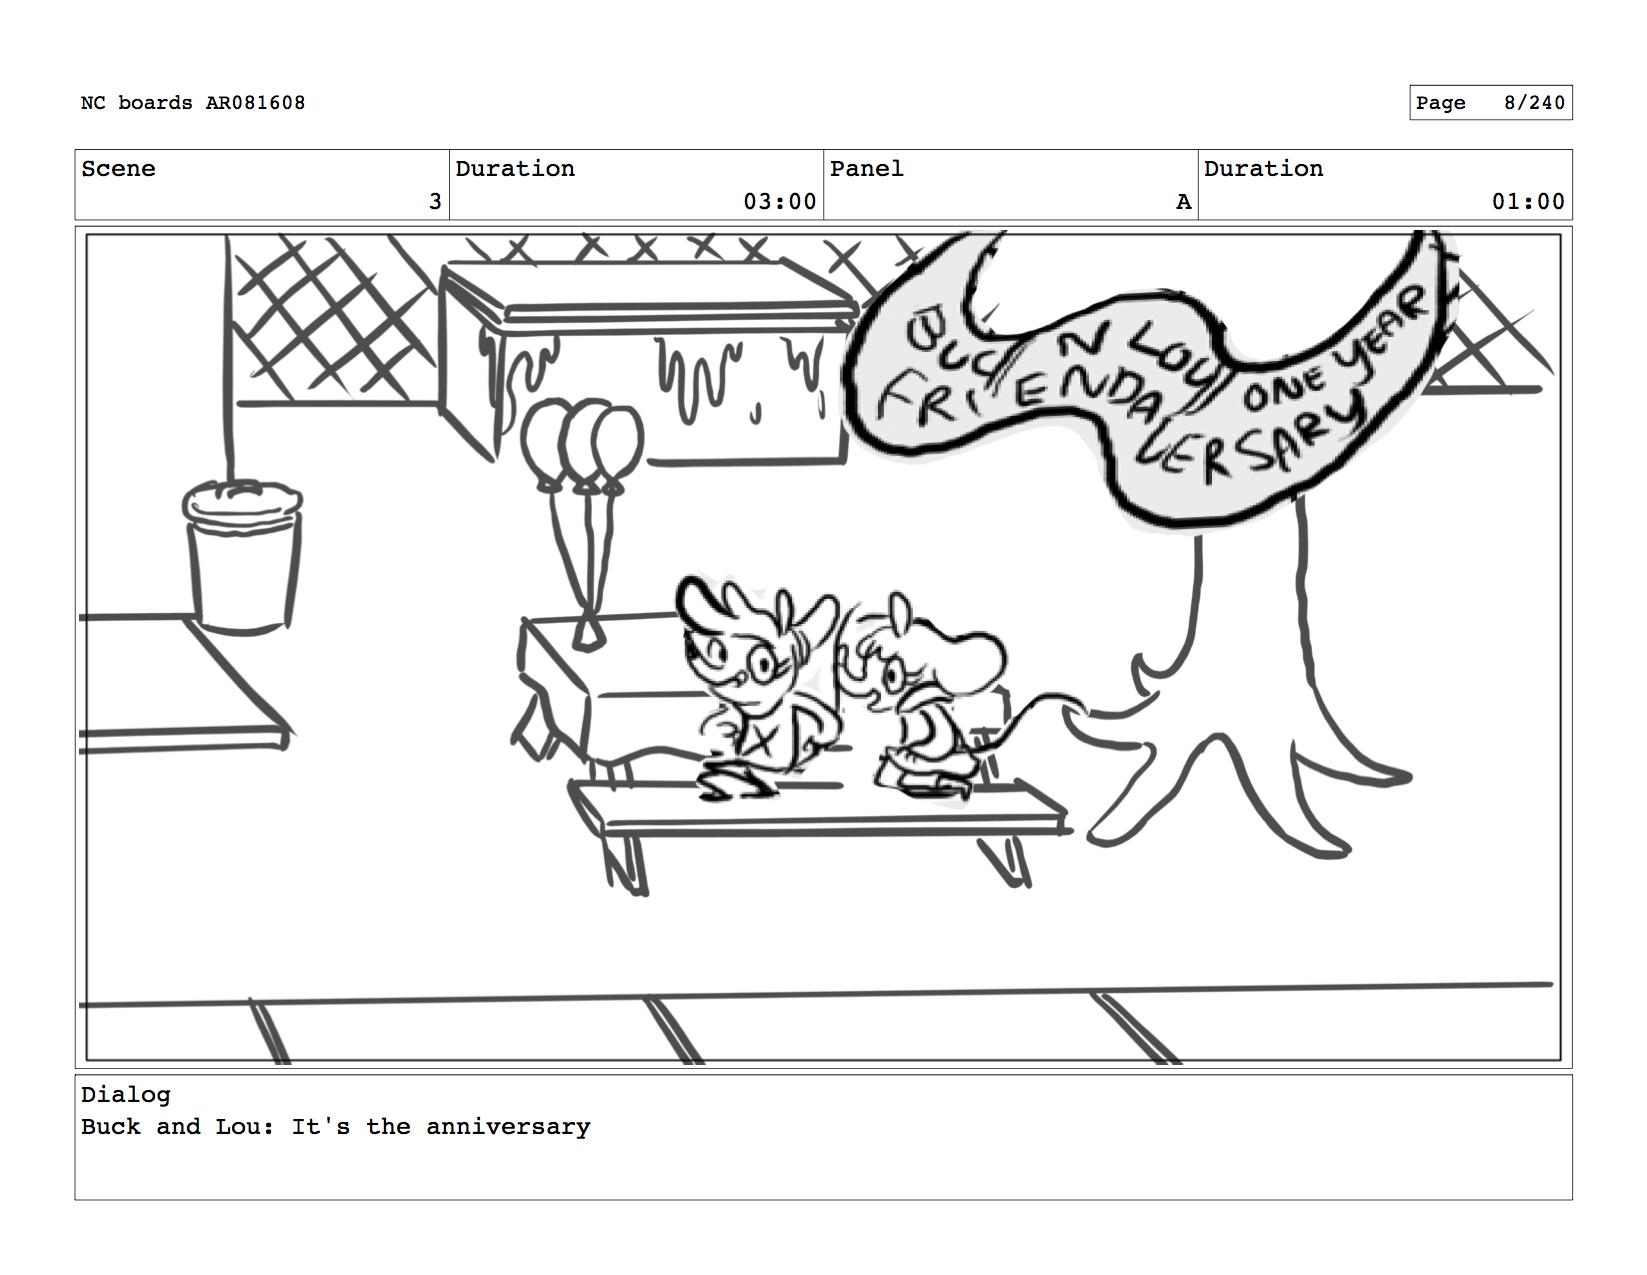 NCW_Storyboard_090814_ALETH (dragged) 7.jpeg